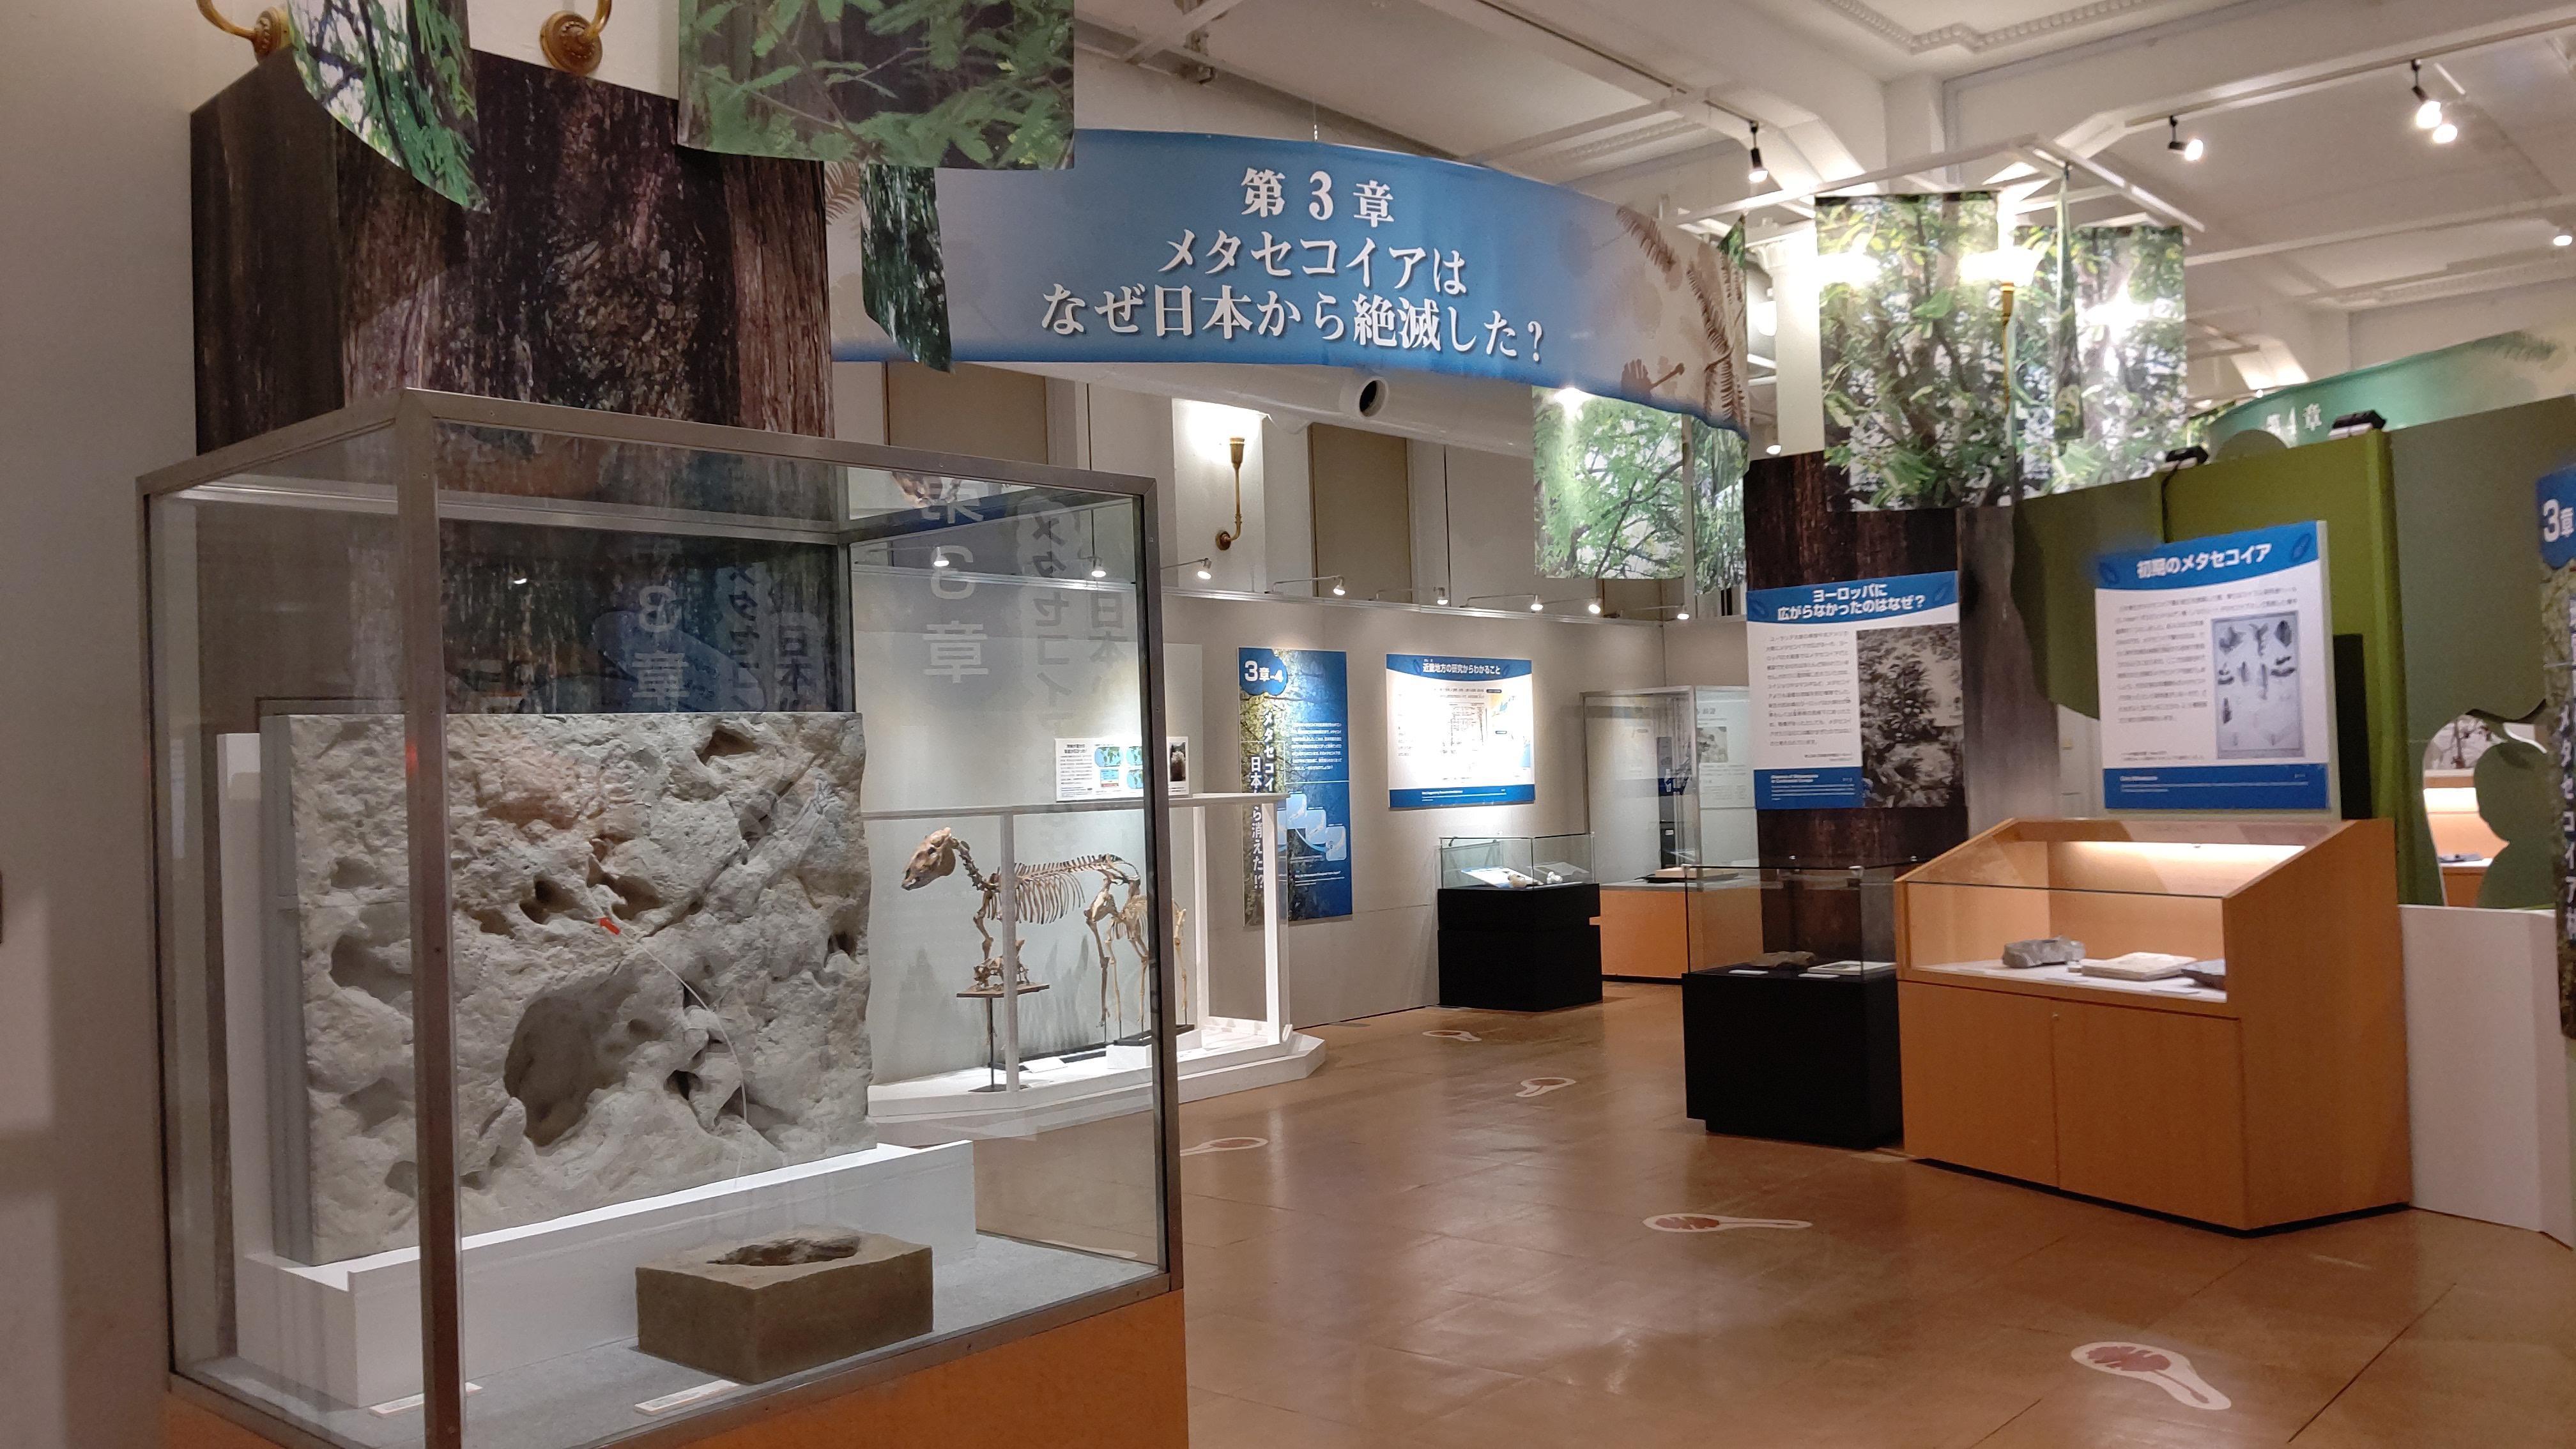 メタセコイアはなぜ日本から絶滅した?